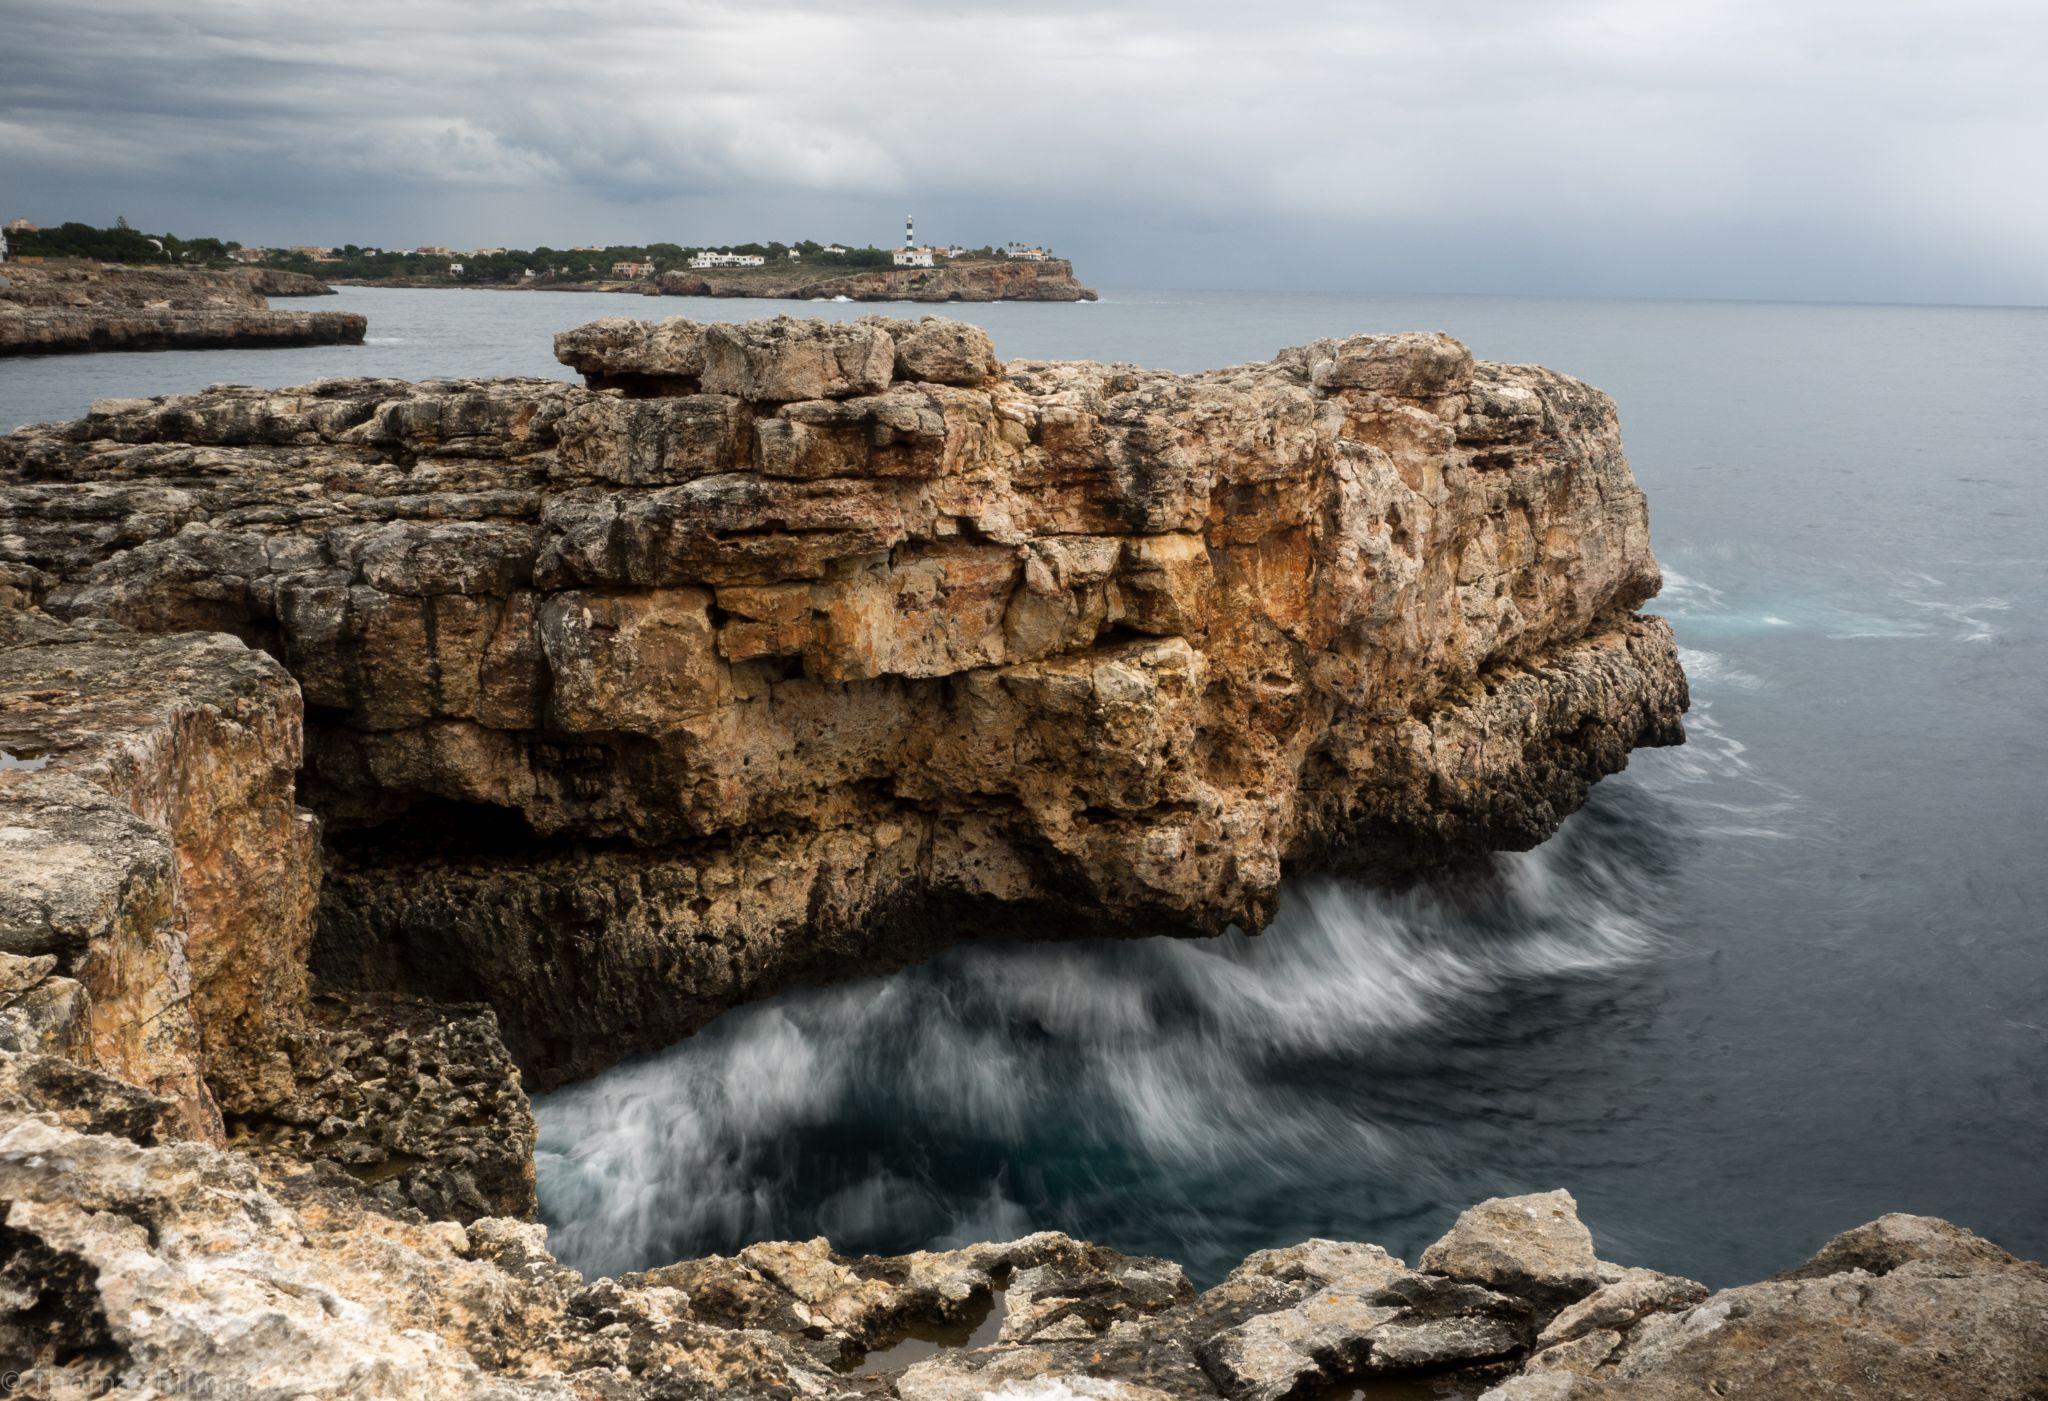 rocky coast of Portocolom, Spain